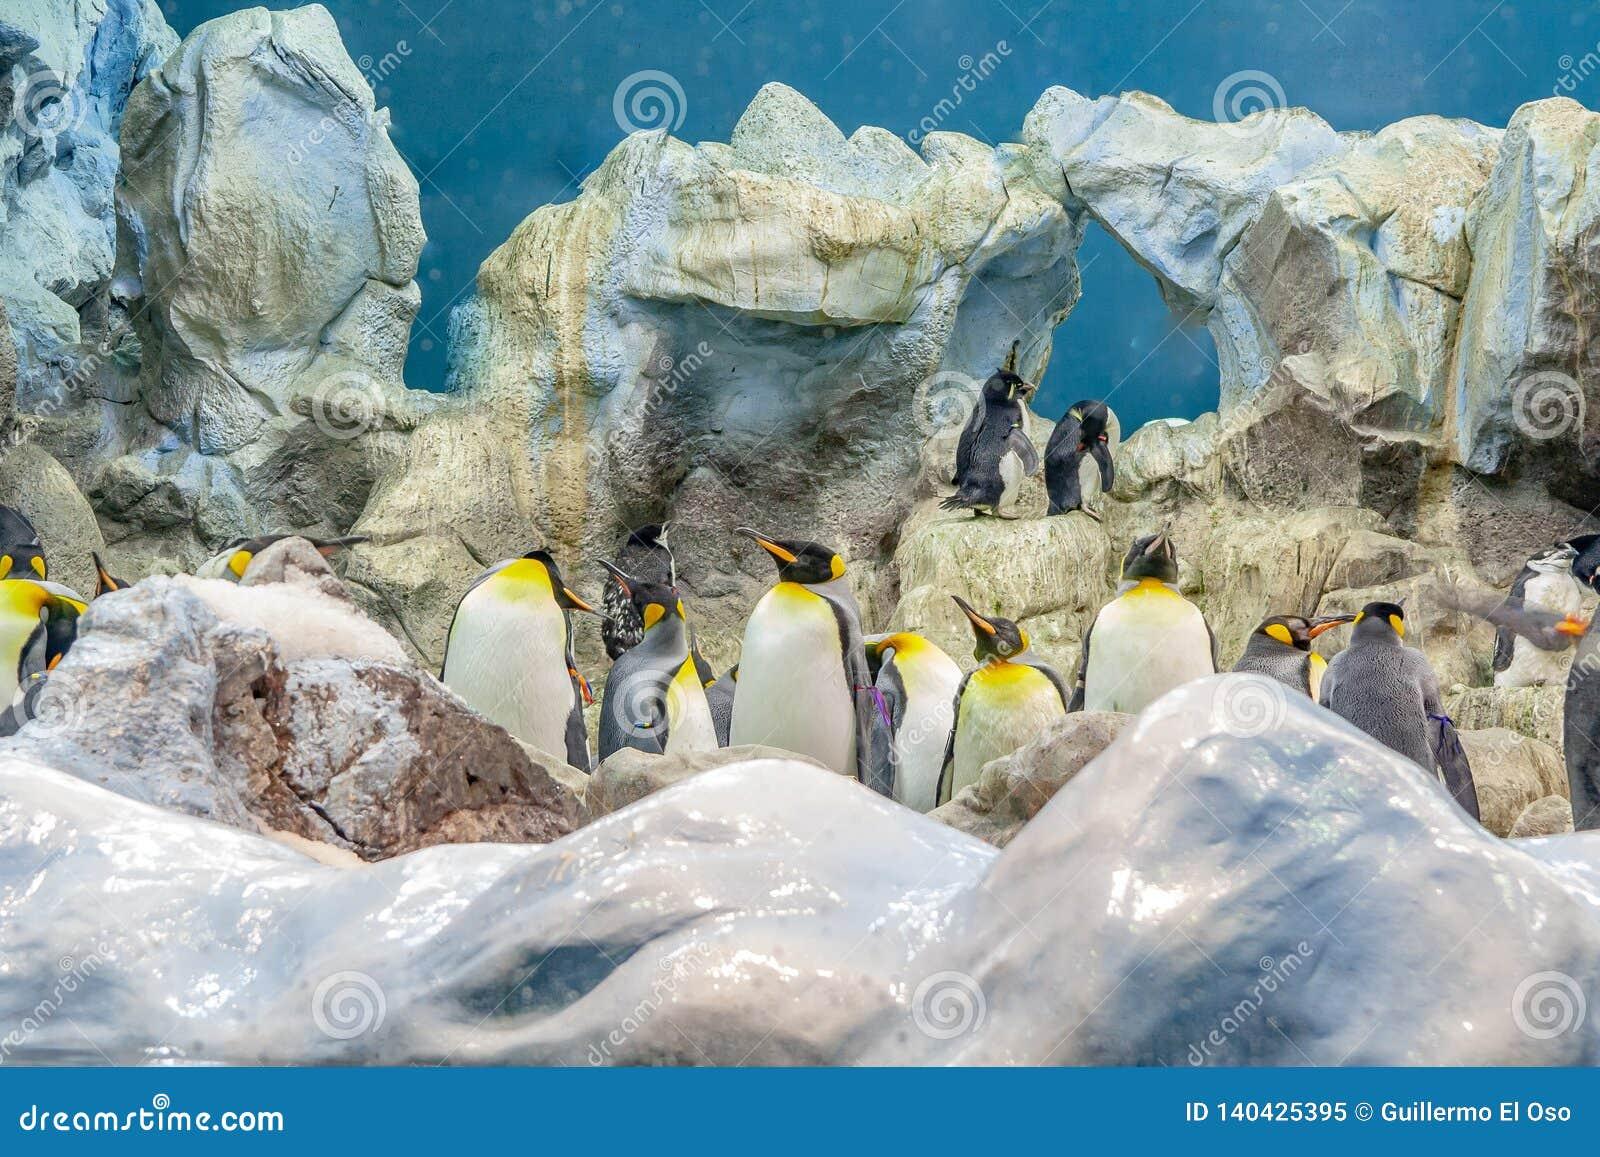 Grote Pinguïn bij de dierentuin in Spanje